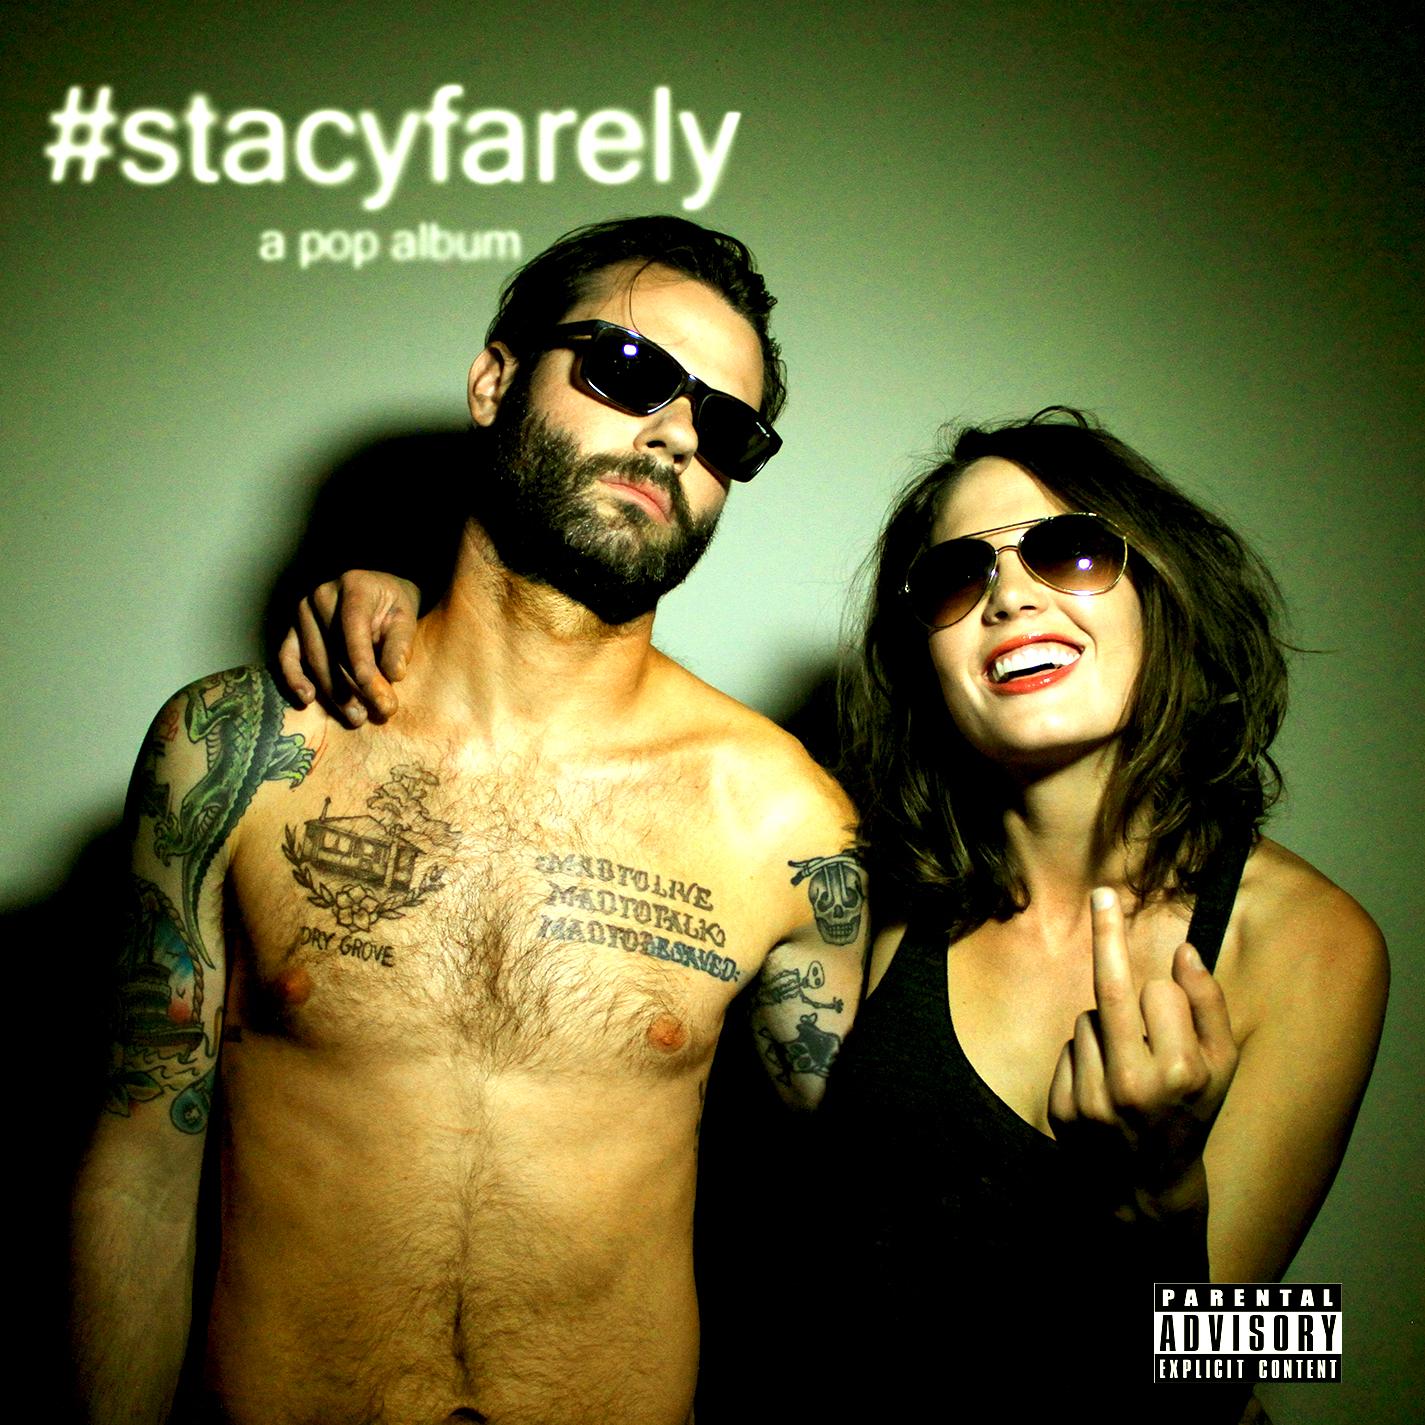 #stacyfarelycoverFinal.jpg